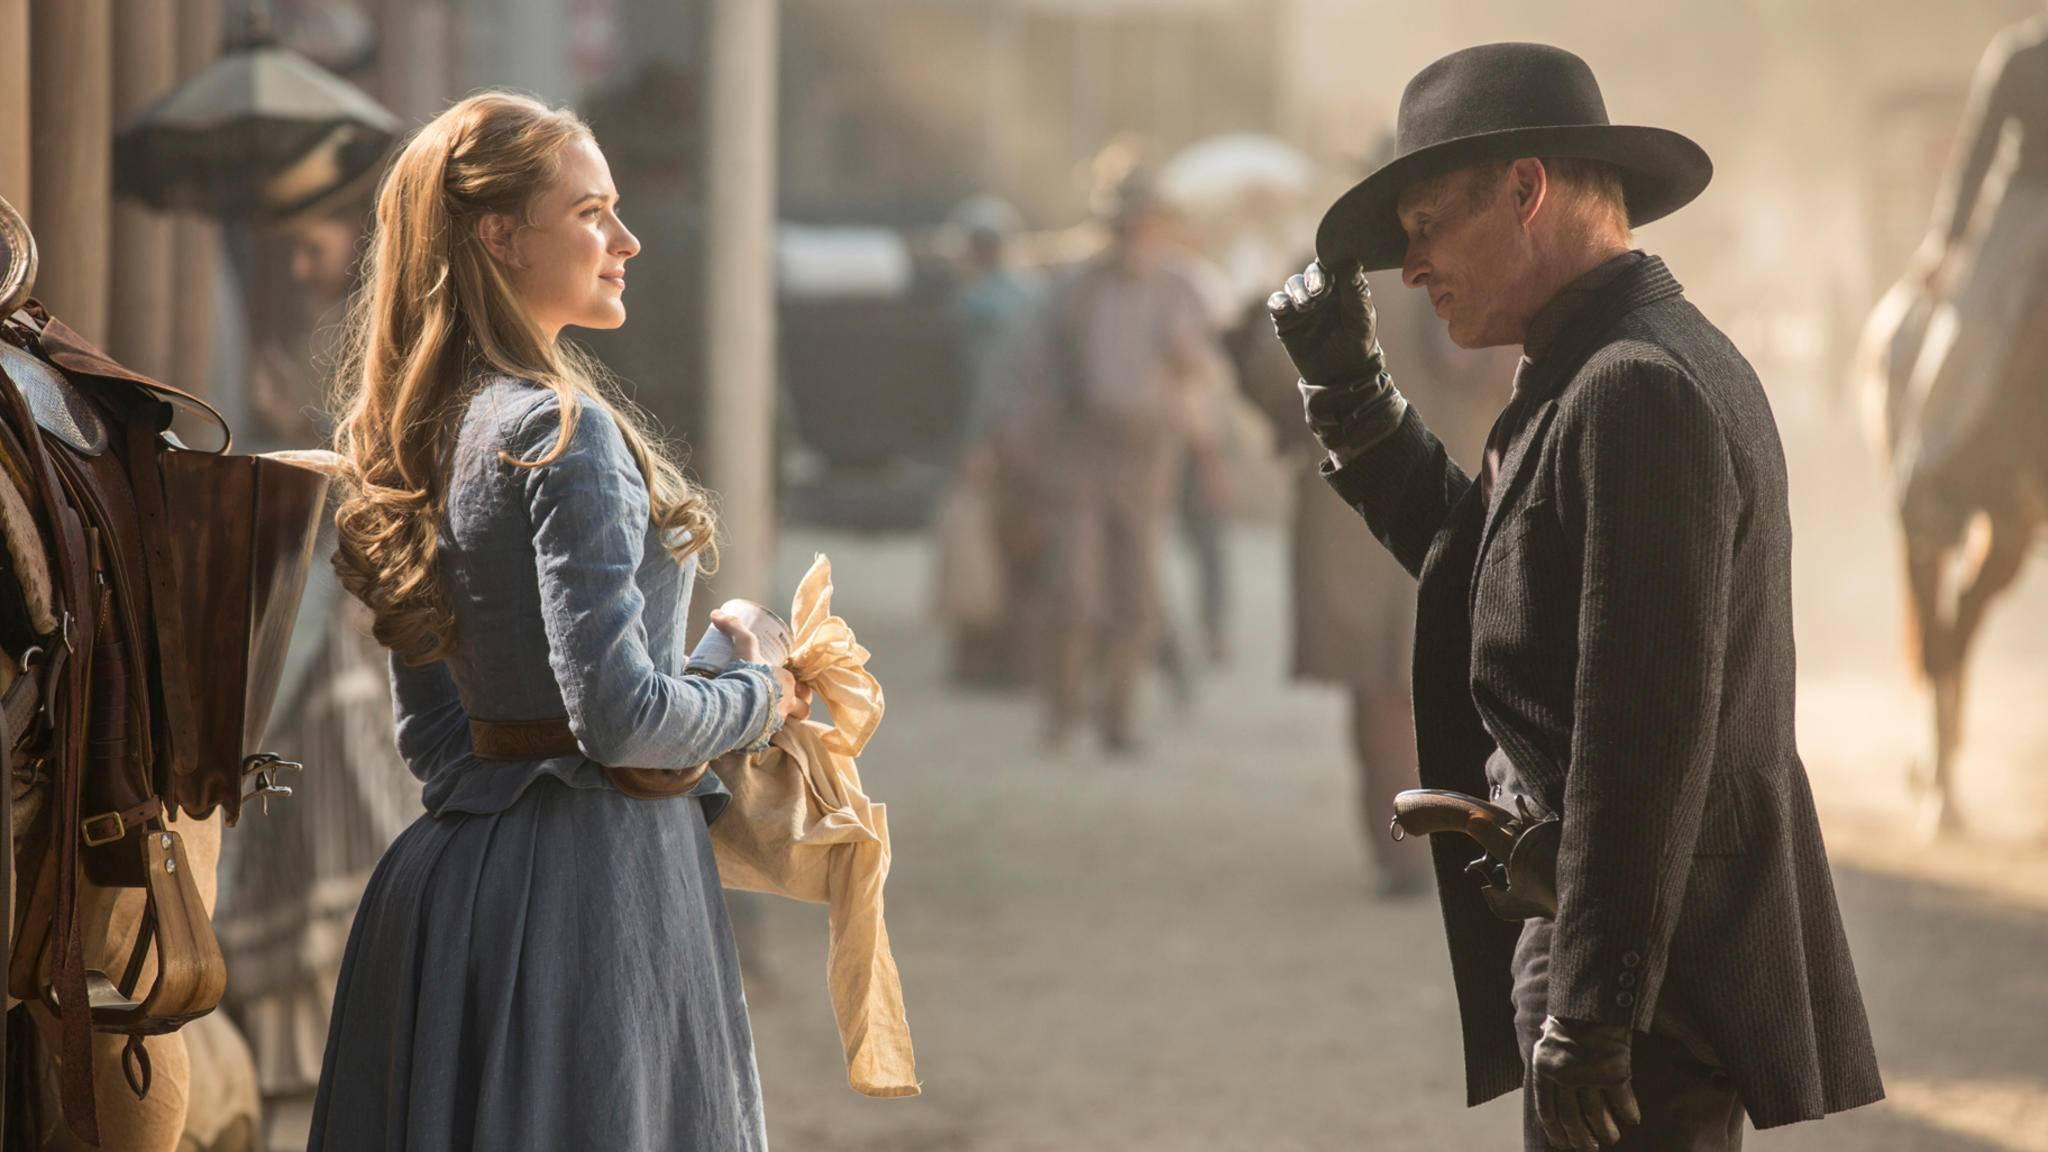 Es gibt viel Spekulationen darüber, wie es mit Dolores, dem Mann in Schwarz und anderen Figuren weitergeht.